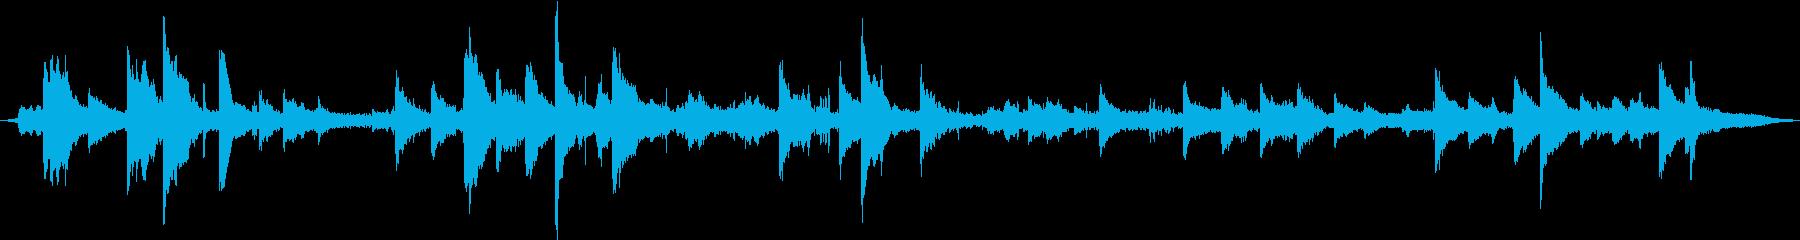 大型オーシャンブイ:メタルベル:常...の再生済みの波形